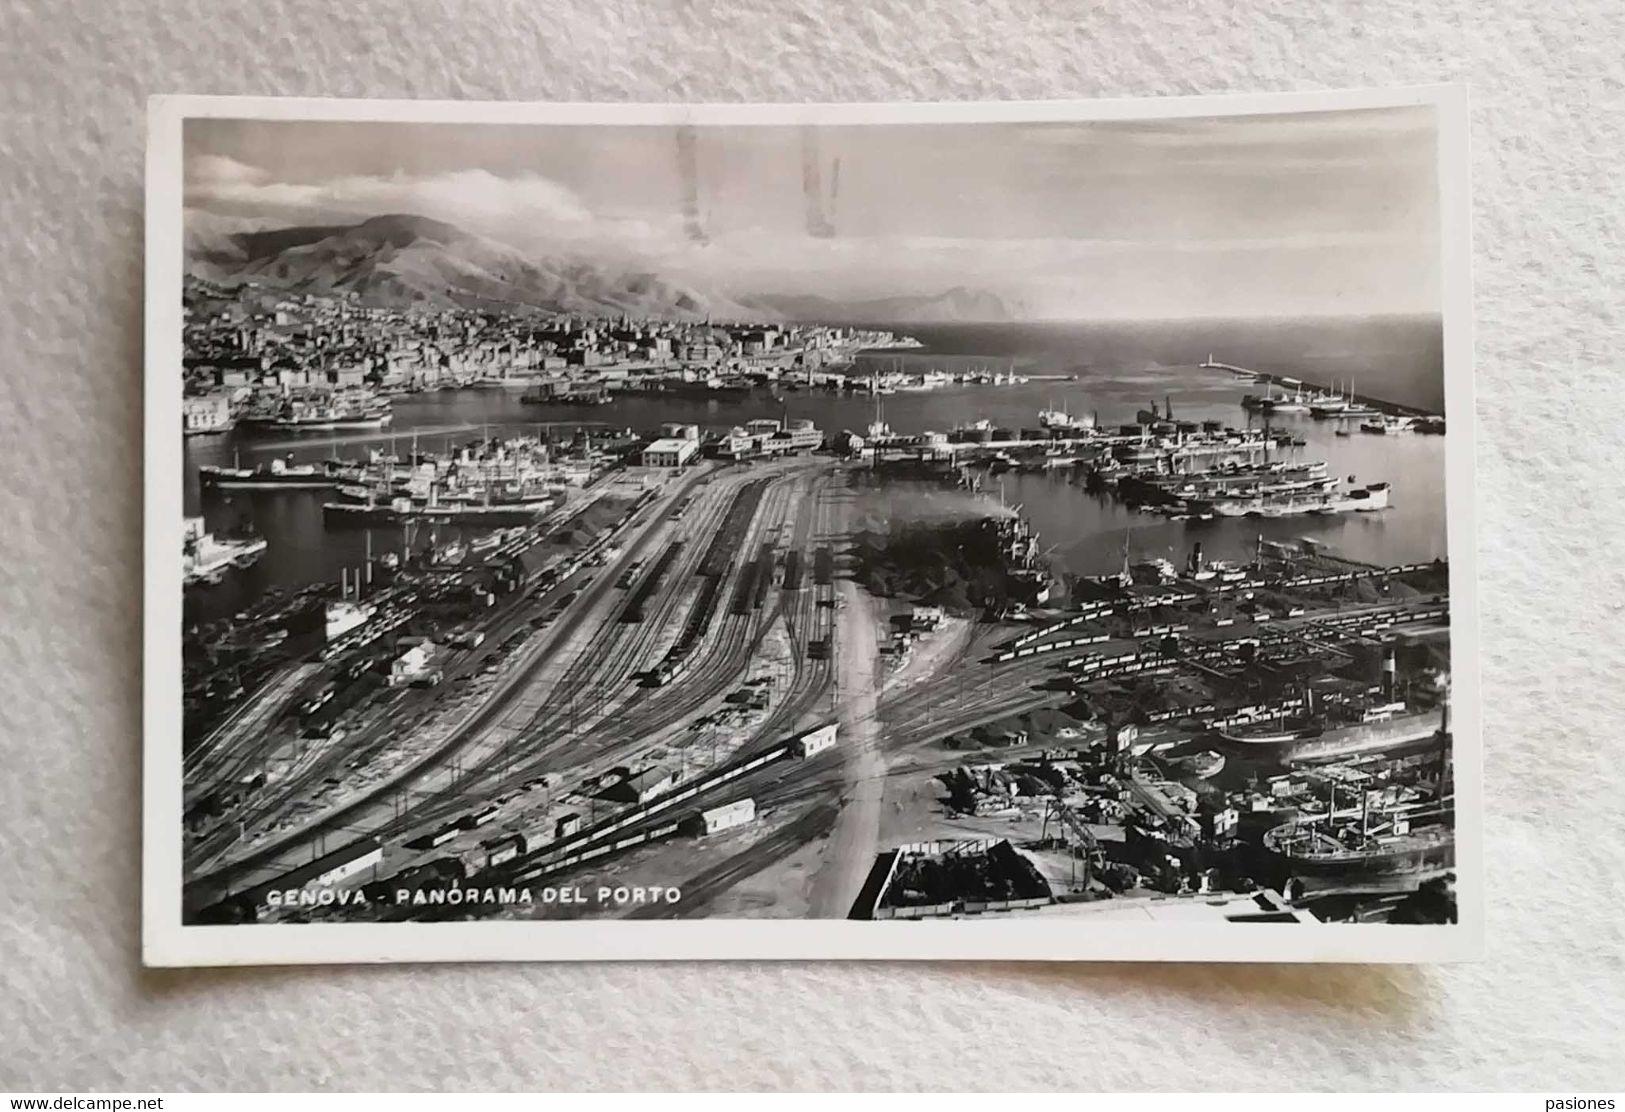 Cartolina Illustrata Genova - Panorama Del Porto, Viaggiata Per Bologna 1949 - Genova (Genoa)